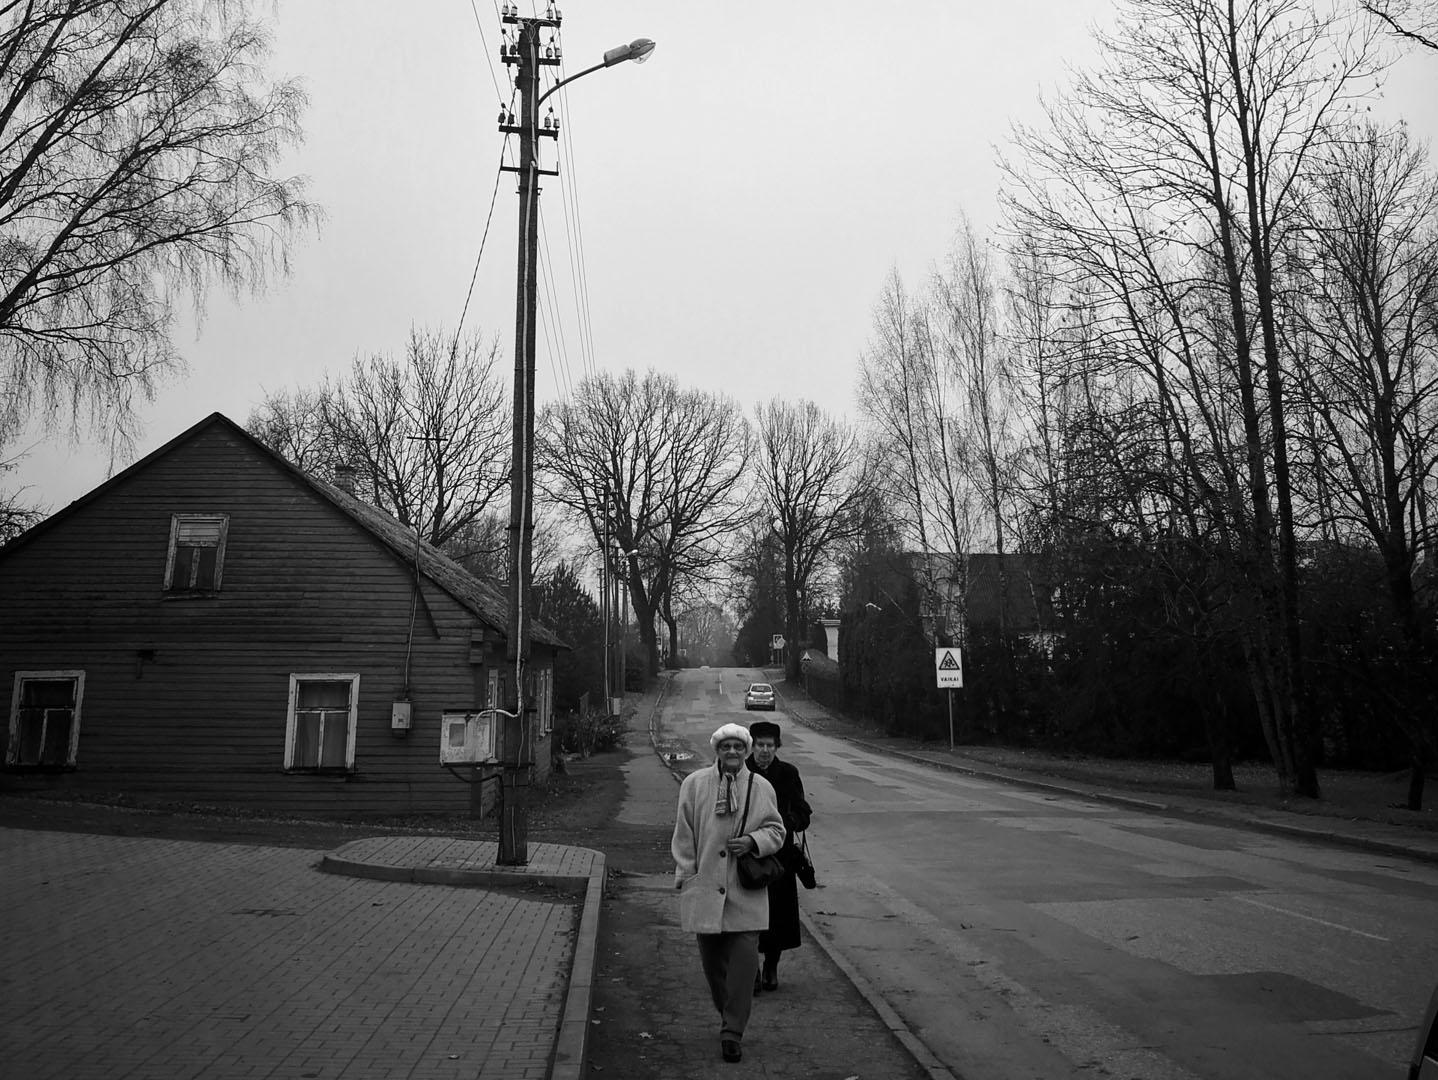 Igliaukos kaimo moterys skuba į sekmadienines Šv. Mišias. Rugilės Juodaitienės nuotrauka